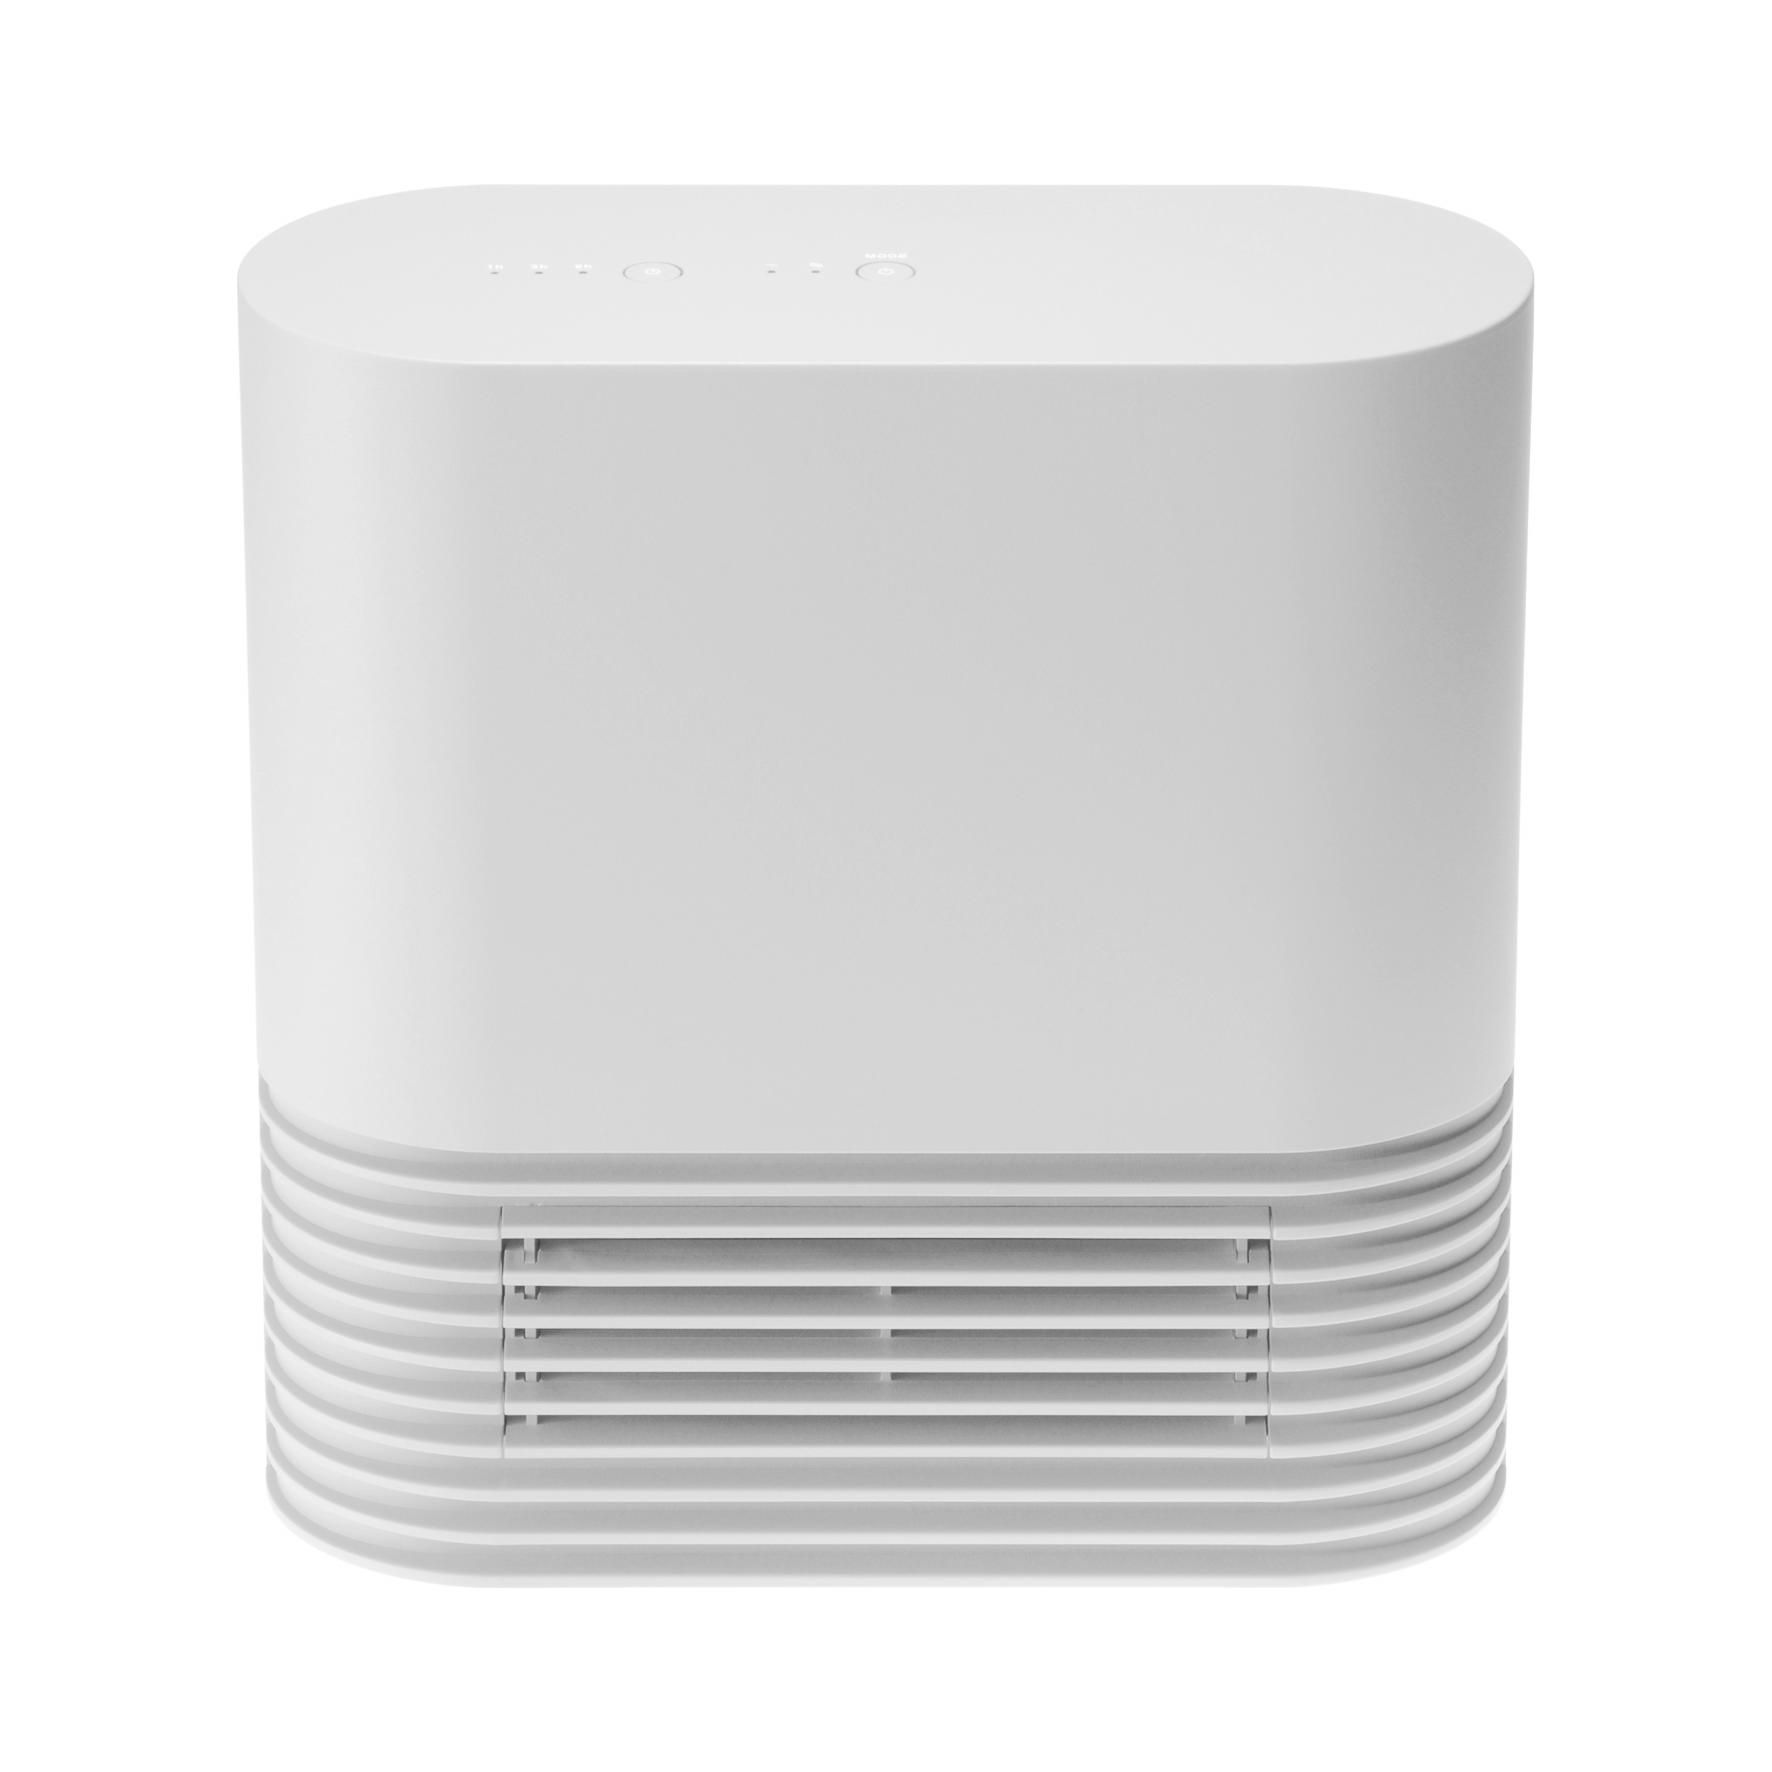 【日本正負零±0】Ceramic 陶瓷電暖器 XHH-Y030 1